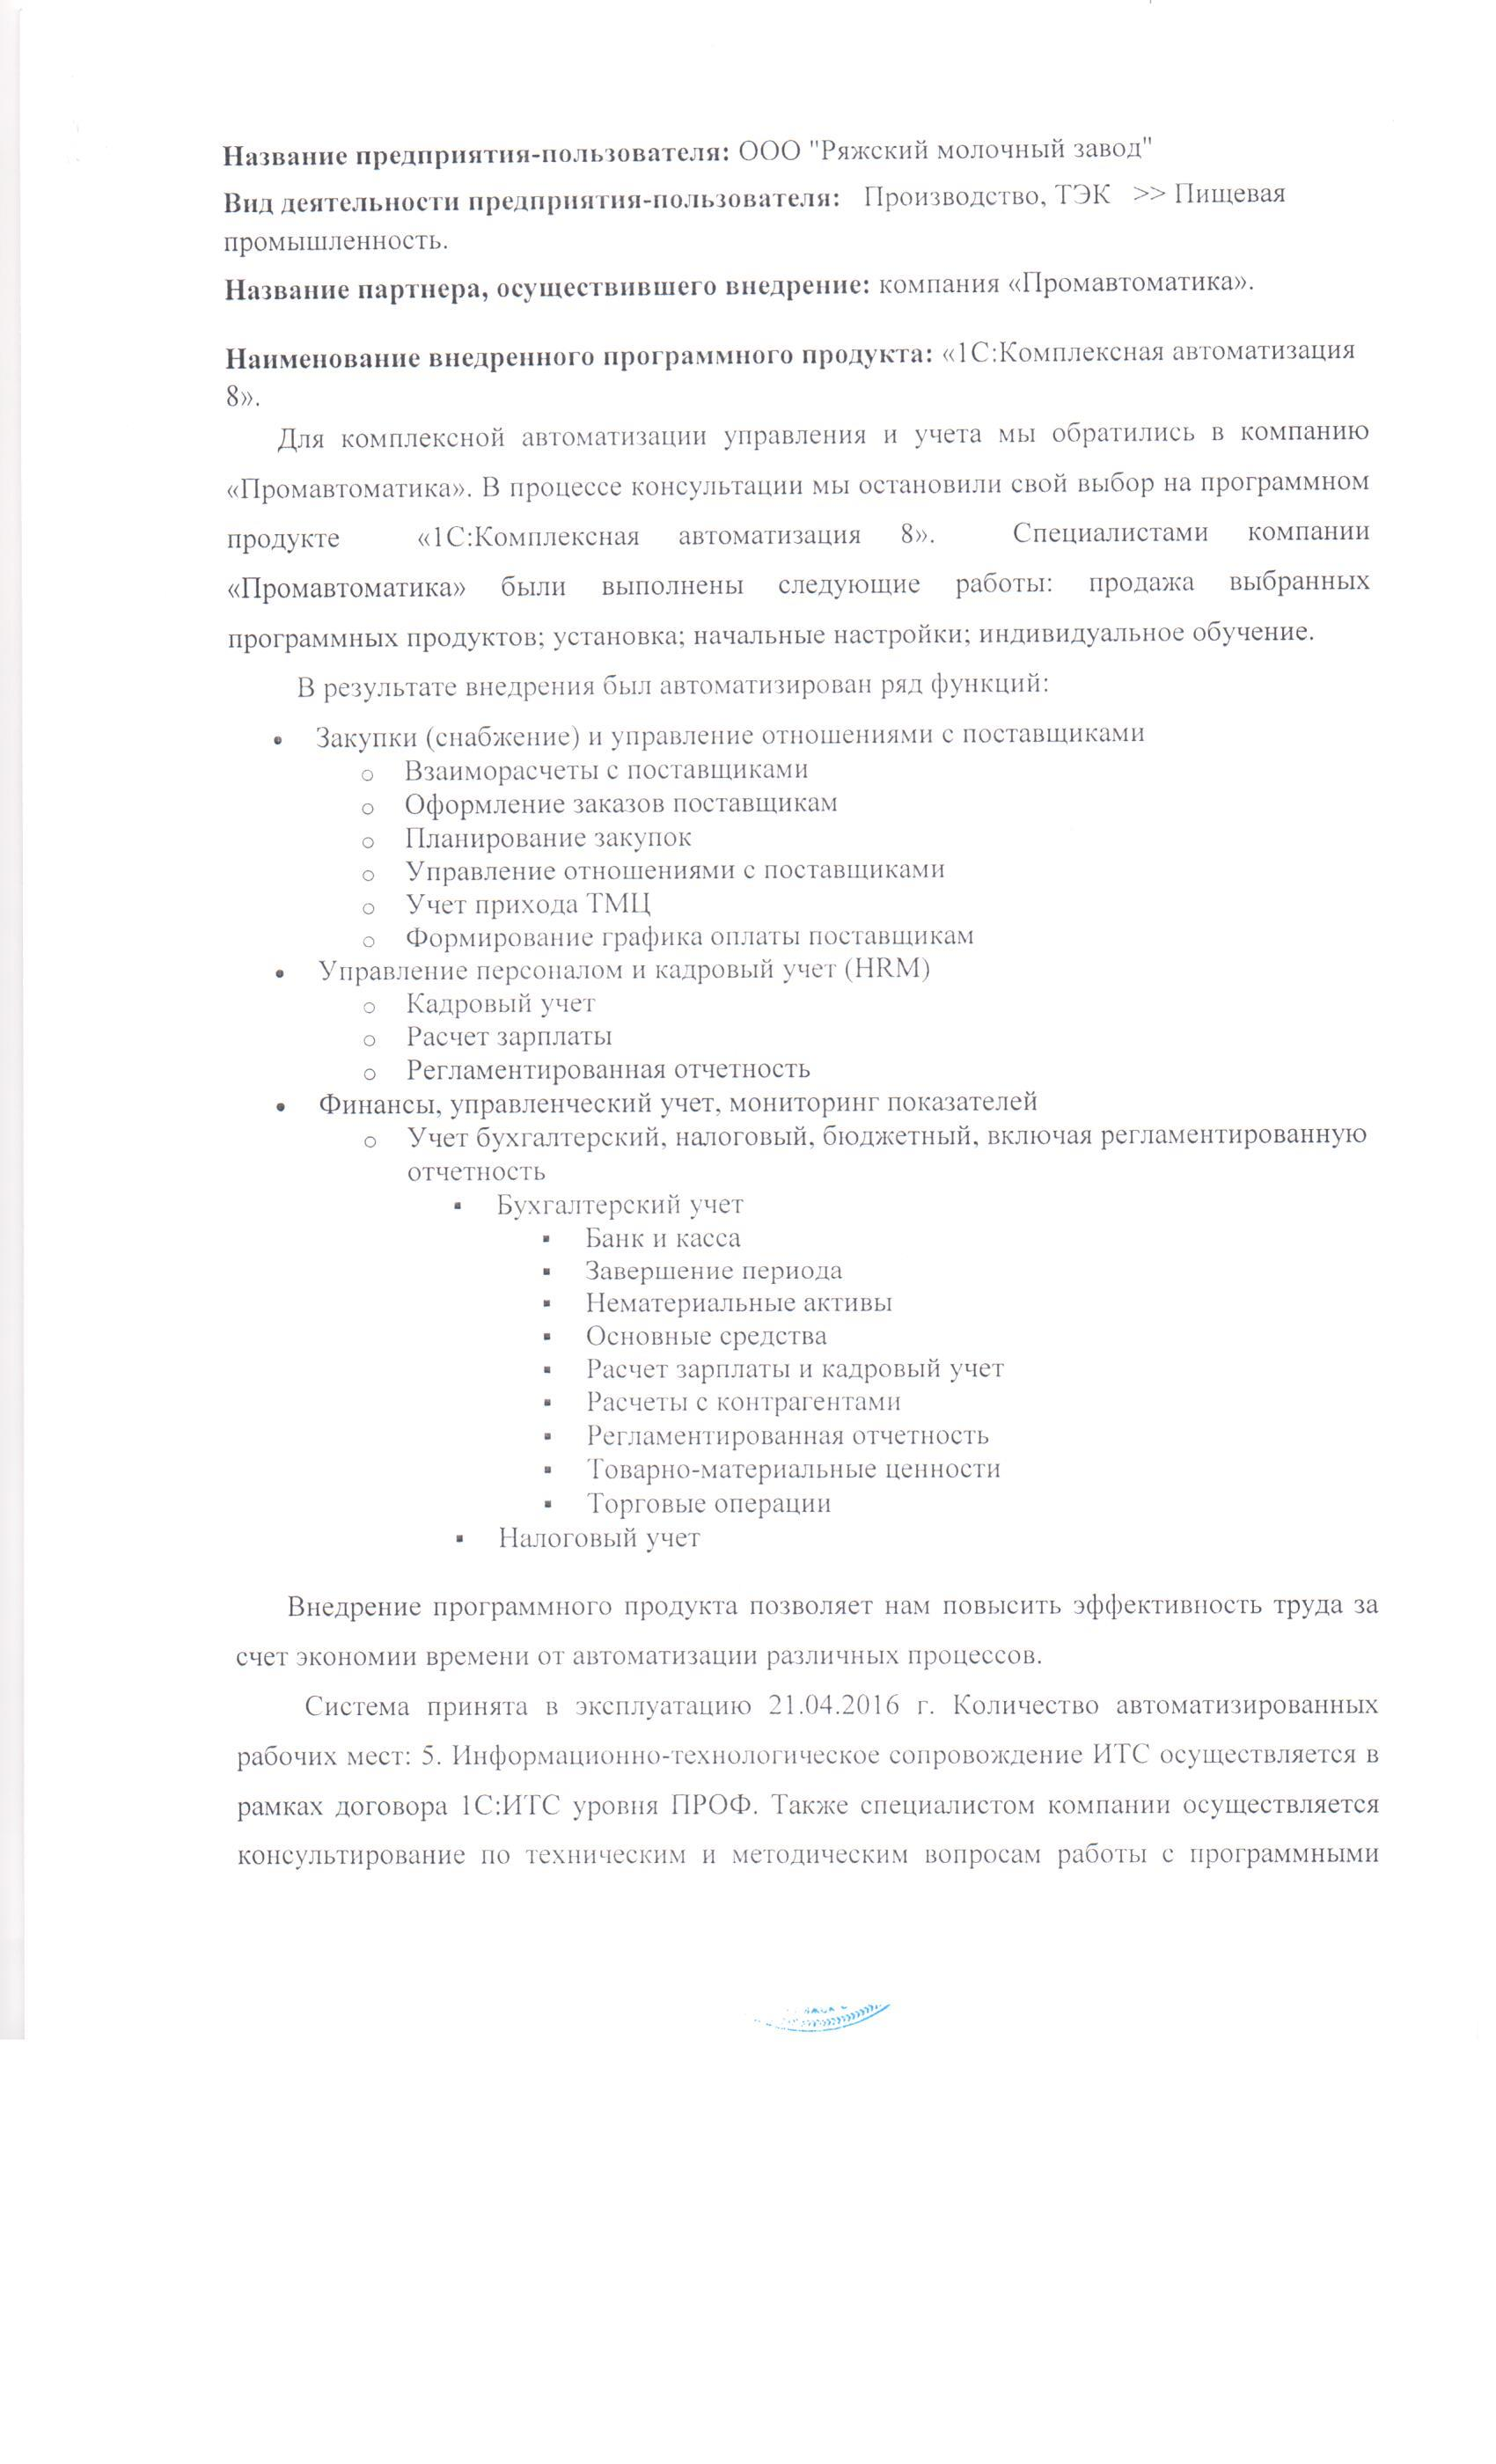 Договор на внедрение программного продукта 1с скачать бесплатно обновление 1с камин - расчет зарплаты